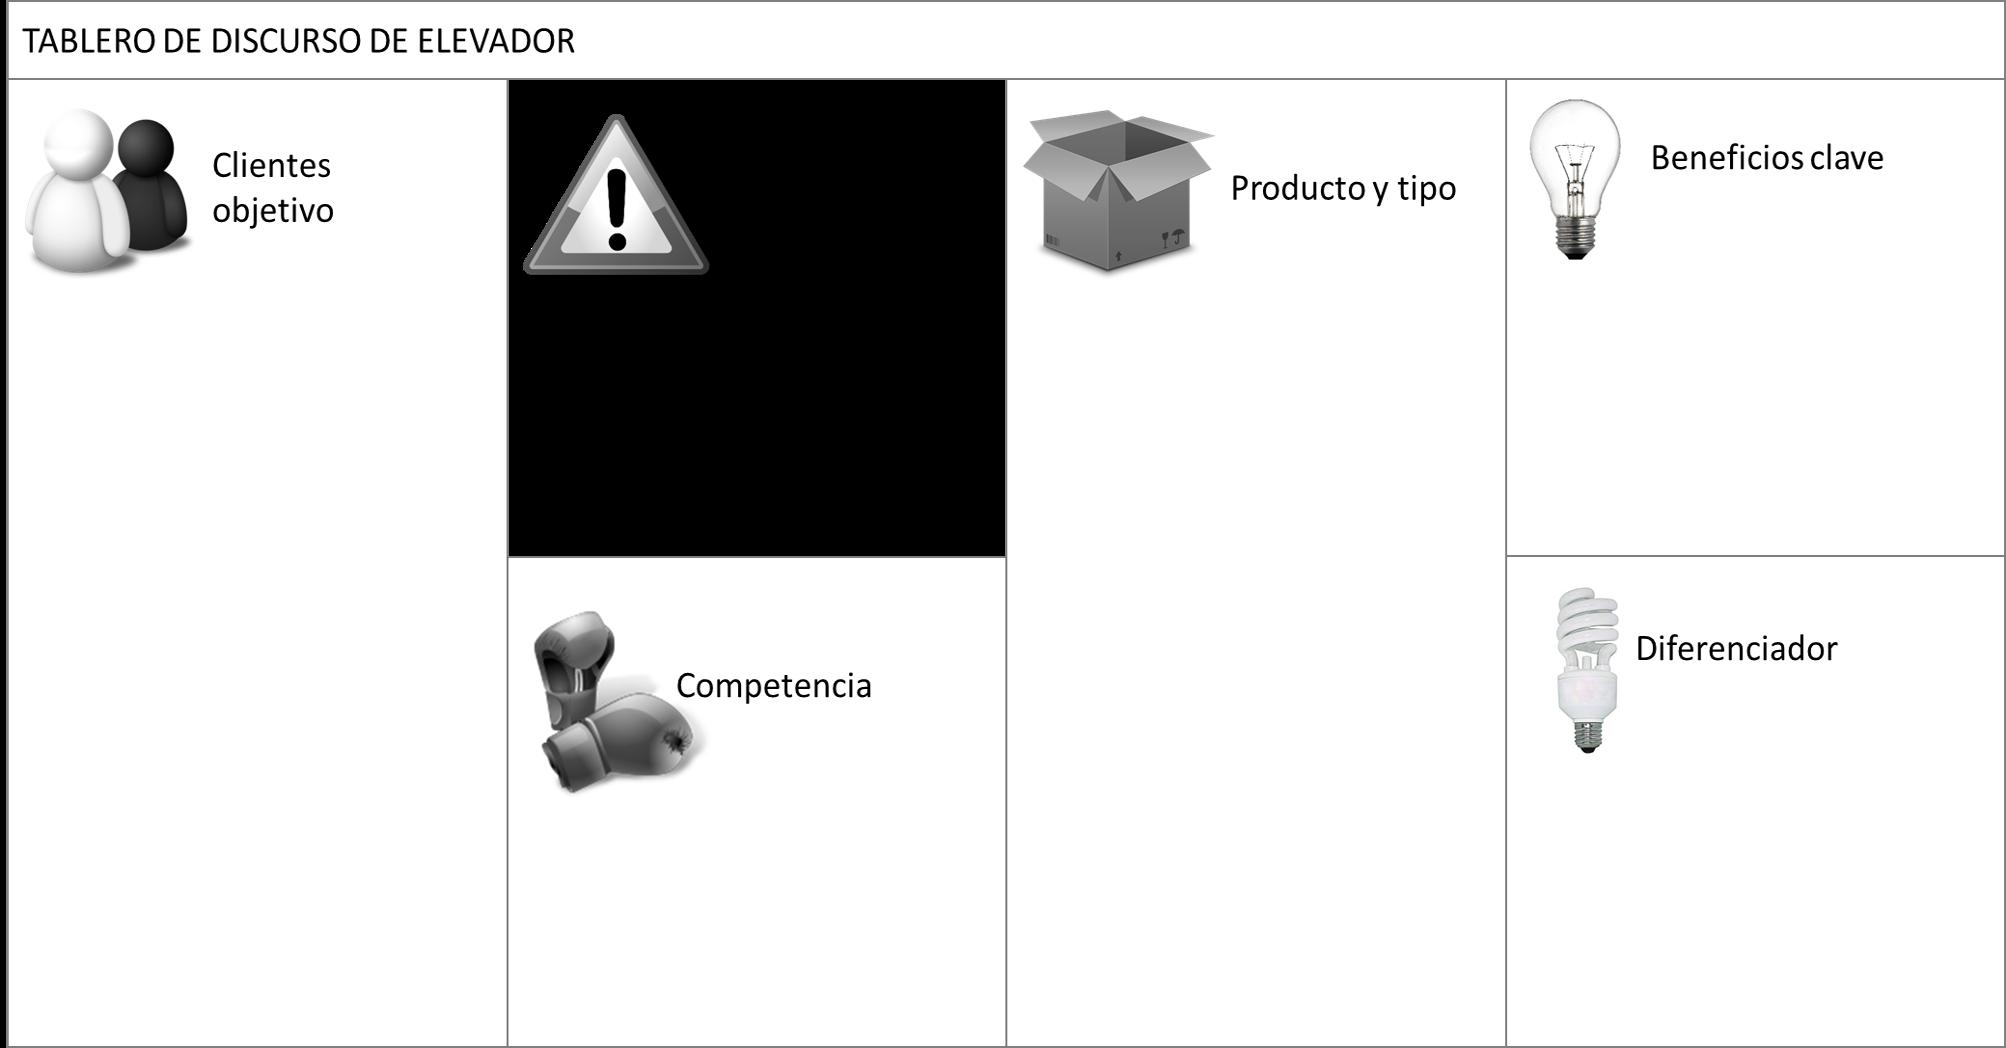 Es una versión visual de un Elevator Speech mostrado en forma de tablero, usando el principio de agilidad en modelado al hacer los modelos públicos.